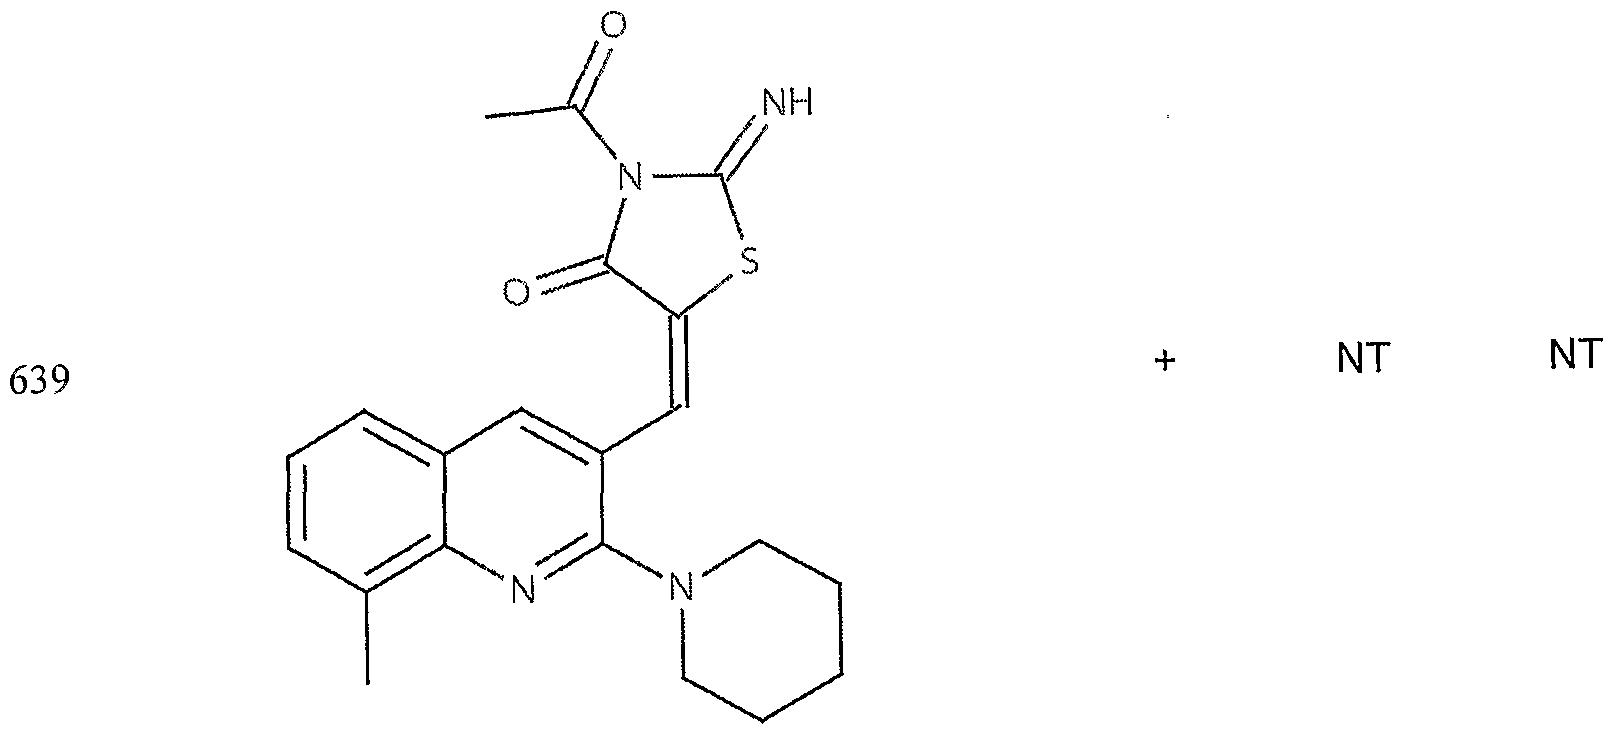 Figure imgf000243_0003